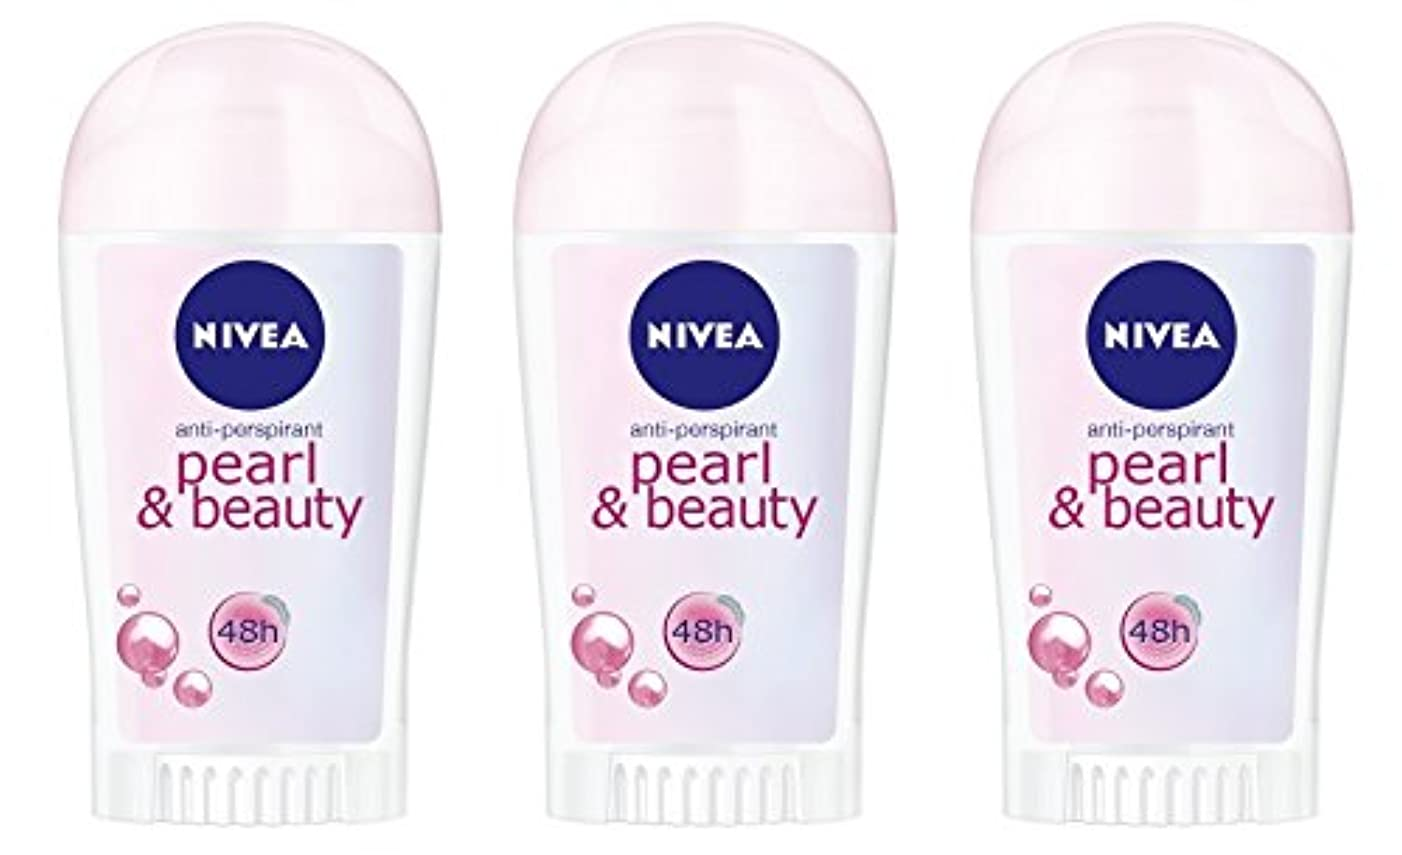 興奮する楽観先駆者(3パック) ニベアパールそしてビューティー制汗剤デオドラントスティック女性のための3x40ml - (Pack of 3) Nivea Pearl & Beauty Anti-perspirant Deodorant Stick for Women 3x40ml